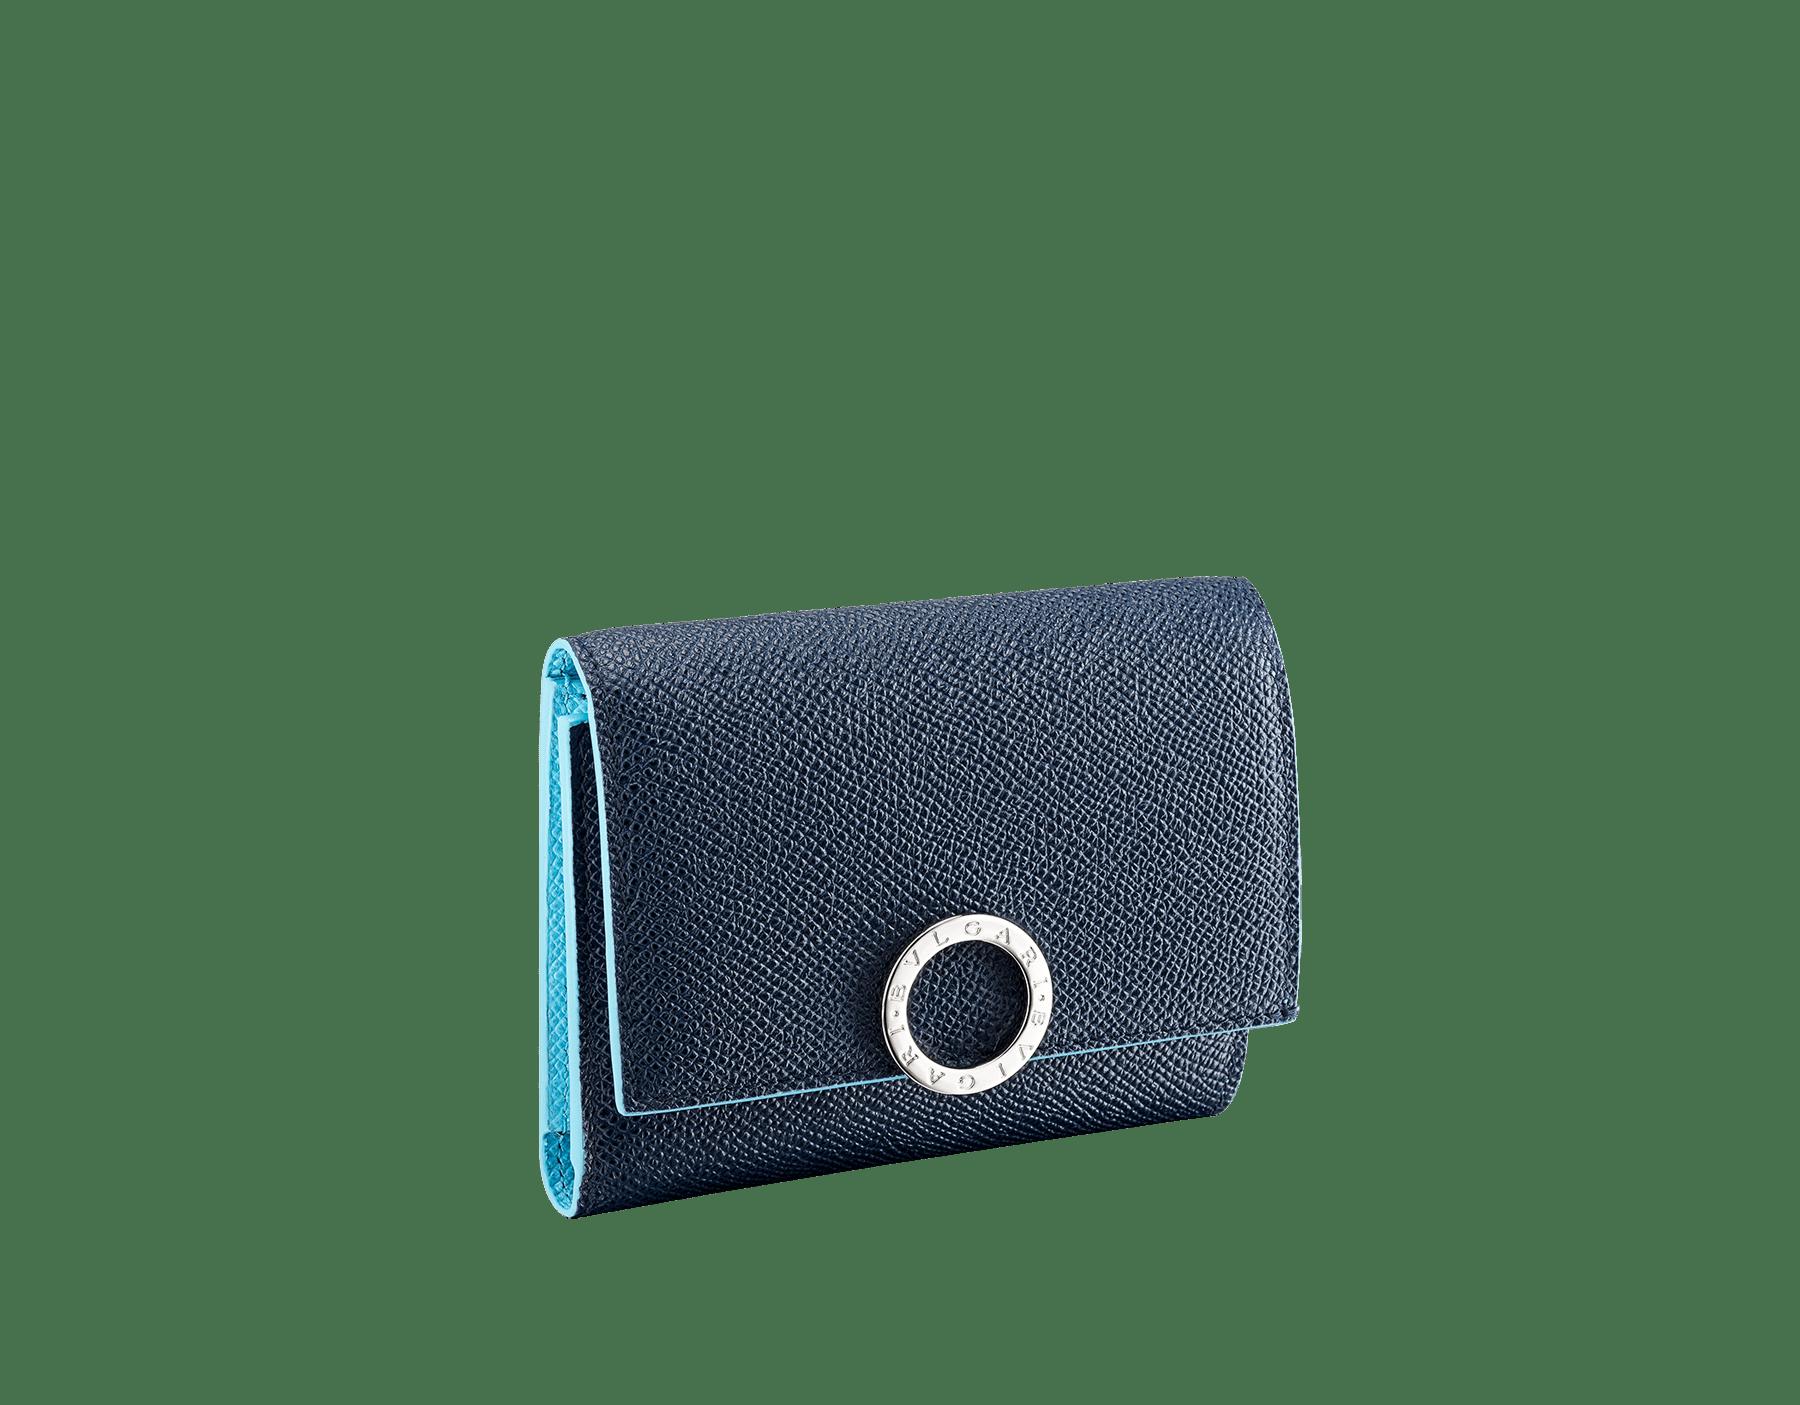 Portefeuille compact pour homme BVLGARI BVLGARI en cuir de veau grainé couleur bleu Denim Sapphire et couleur bleu clair Aegean Topaz. Fermoir emblématique orné du logo Bvlgari en laiton. BCM-YENCOMPACTZP image 1